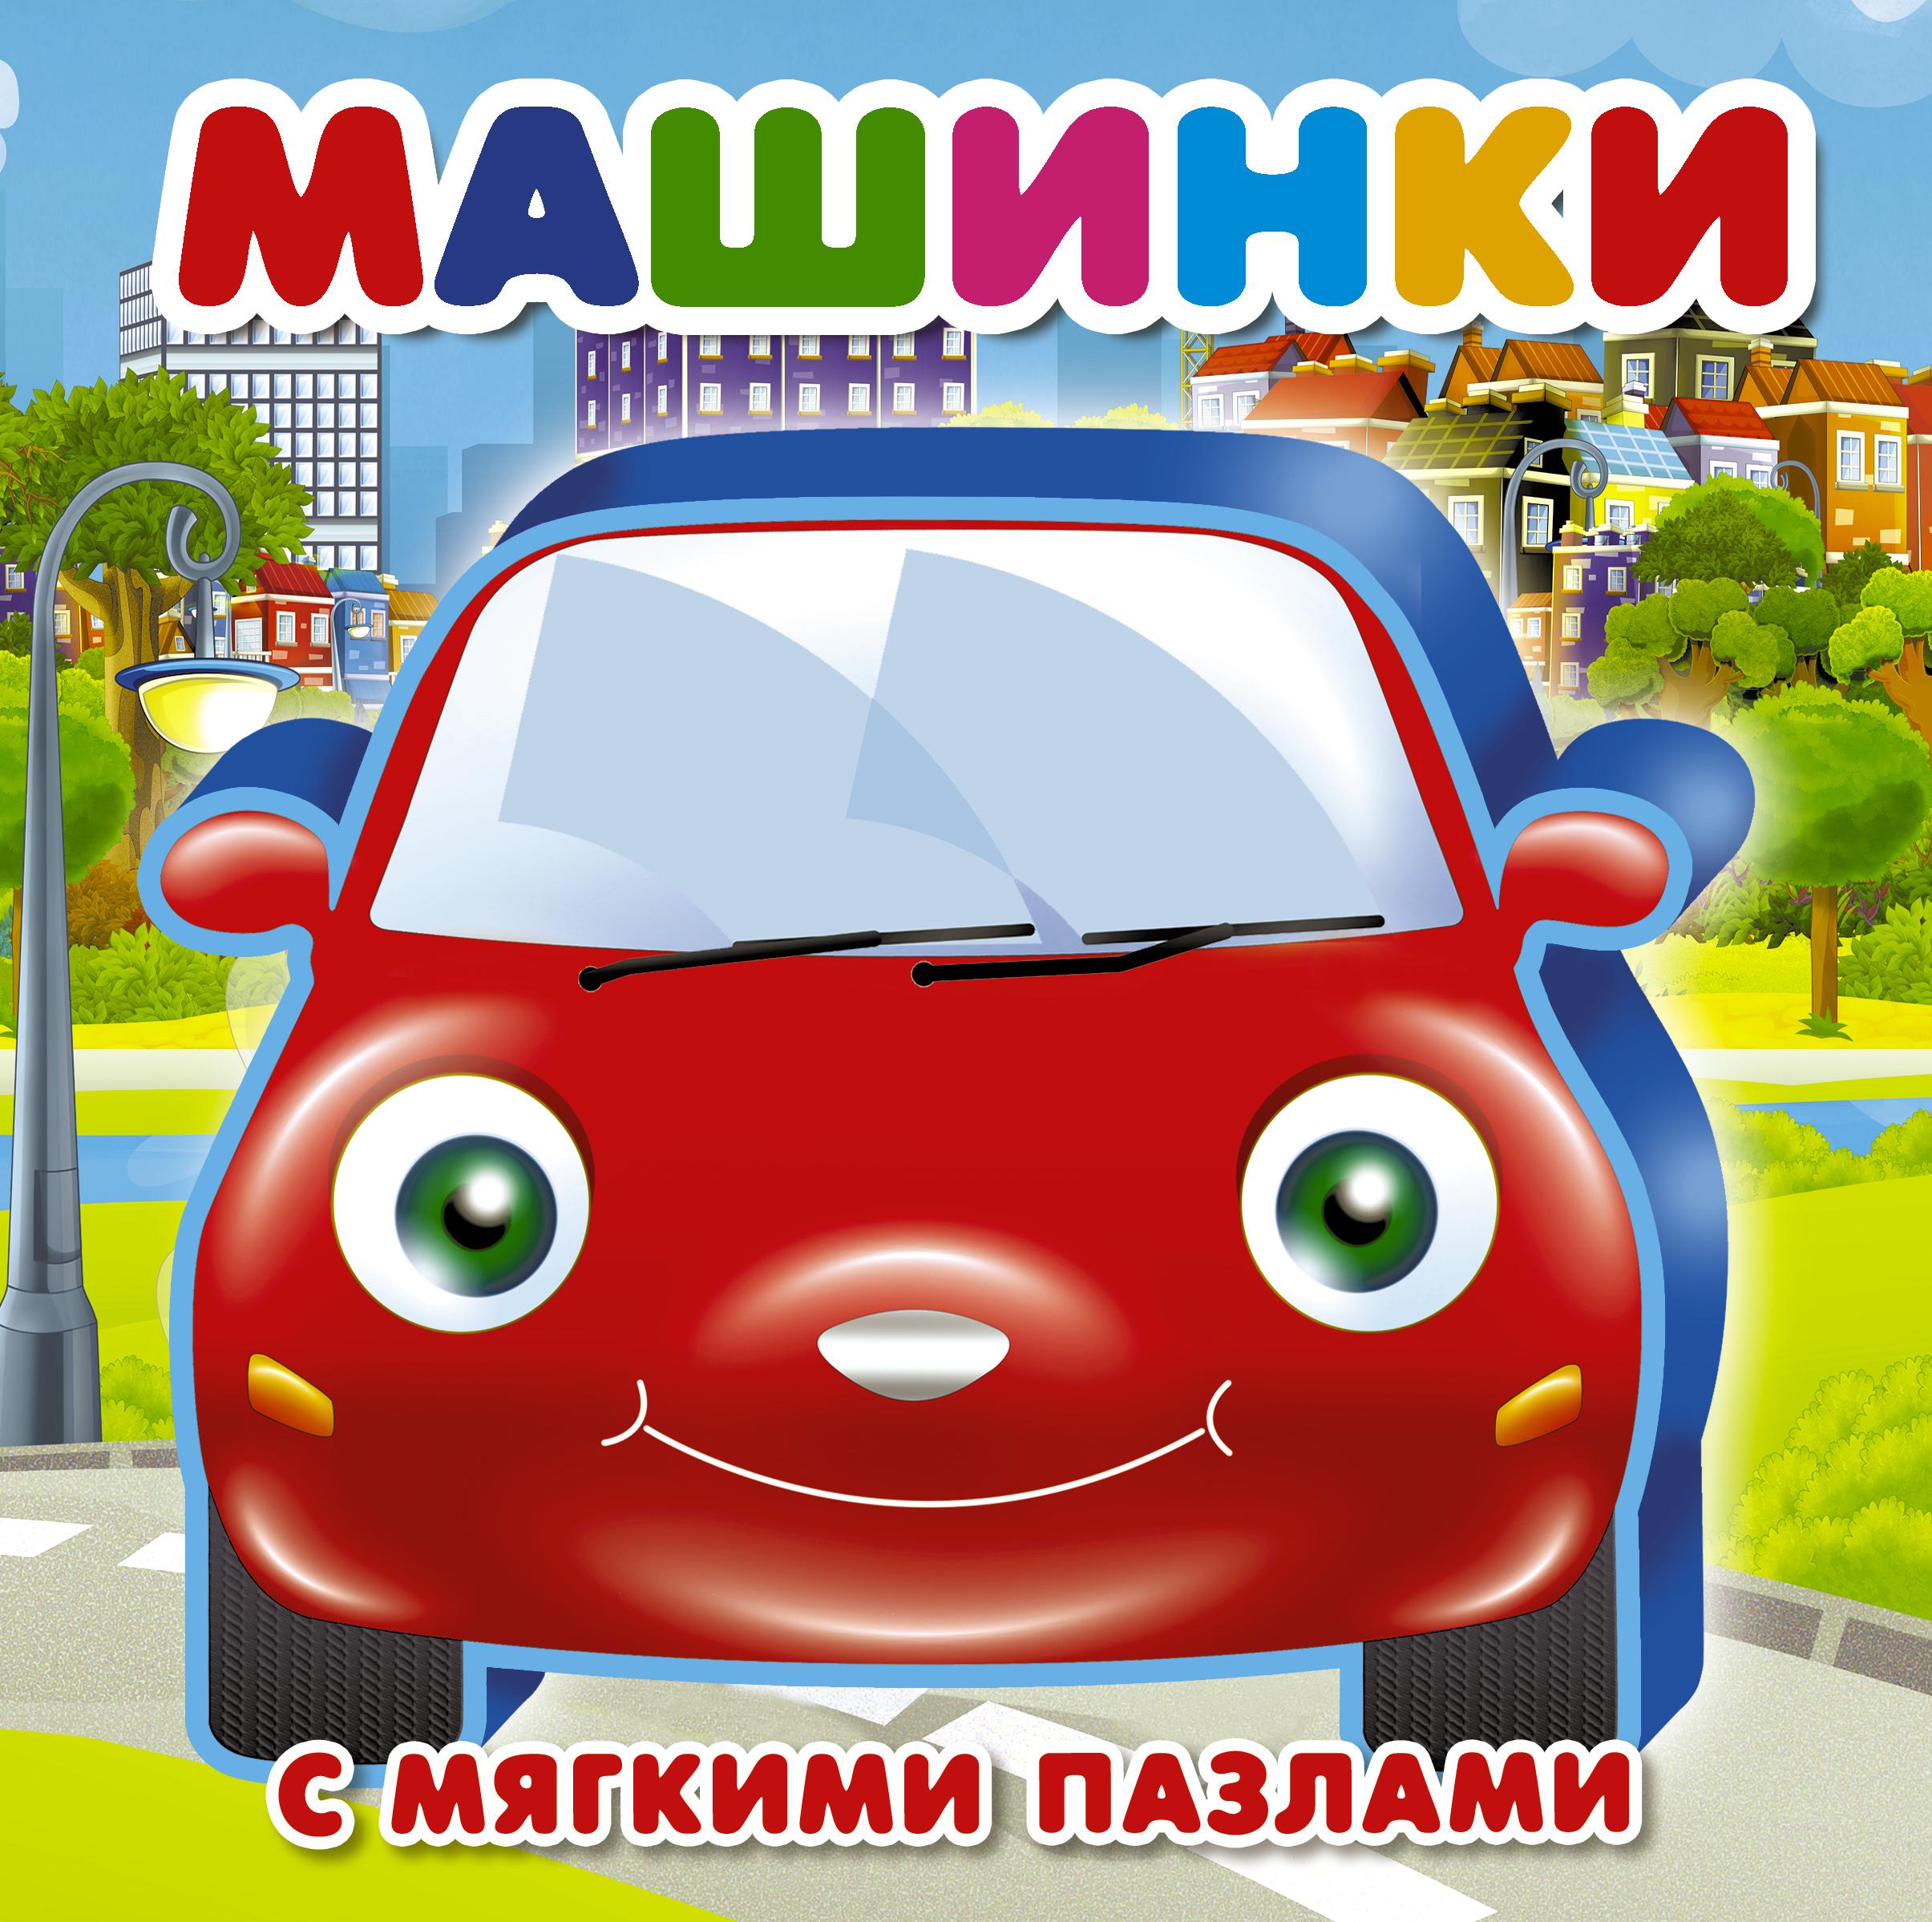 Дмитриева В.Г. Машинки